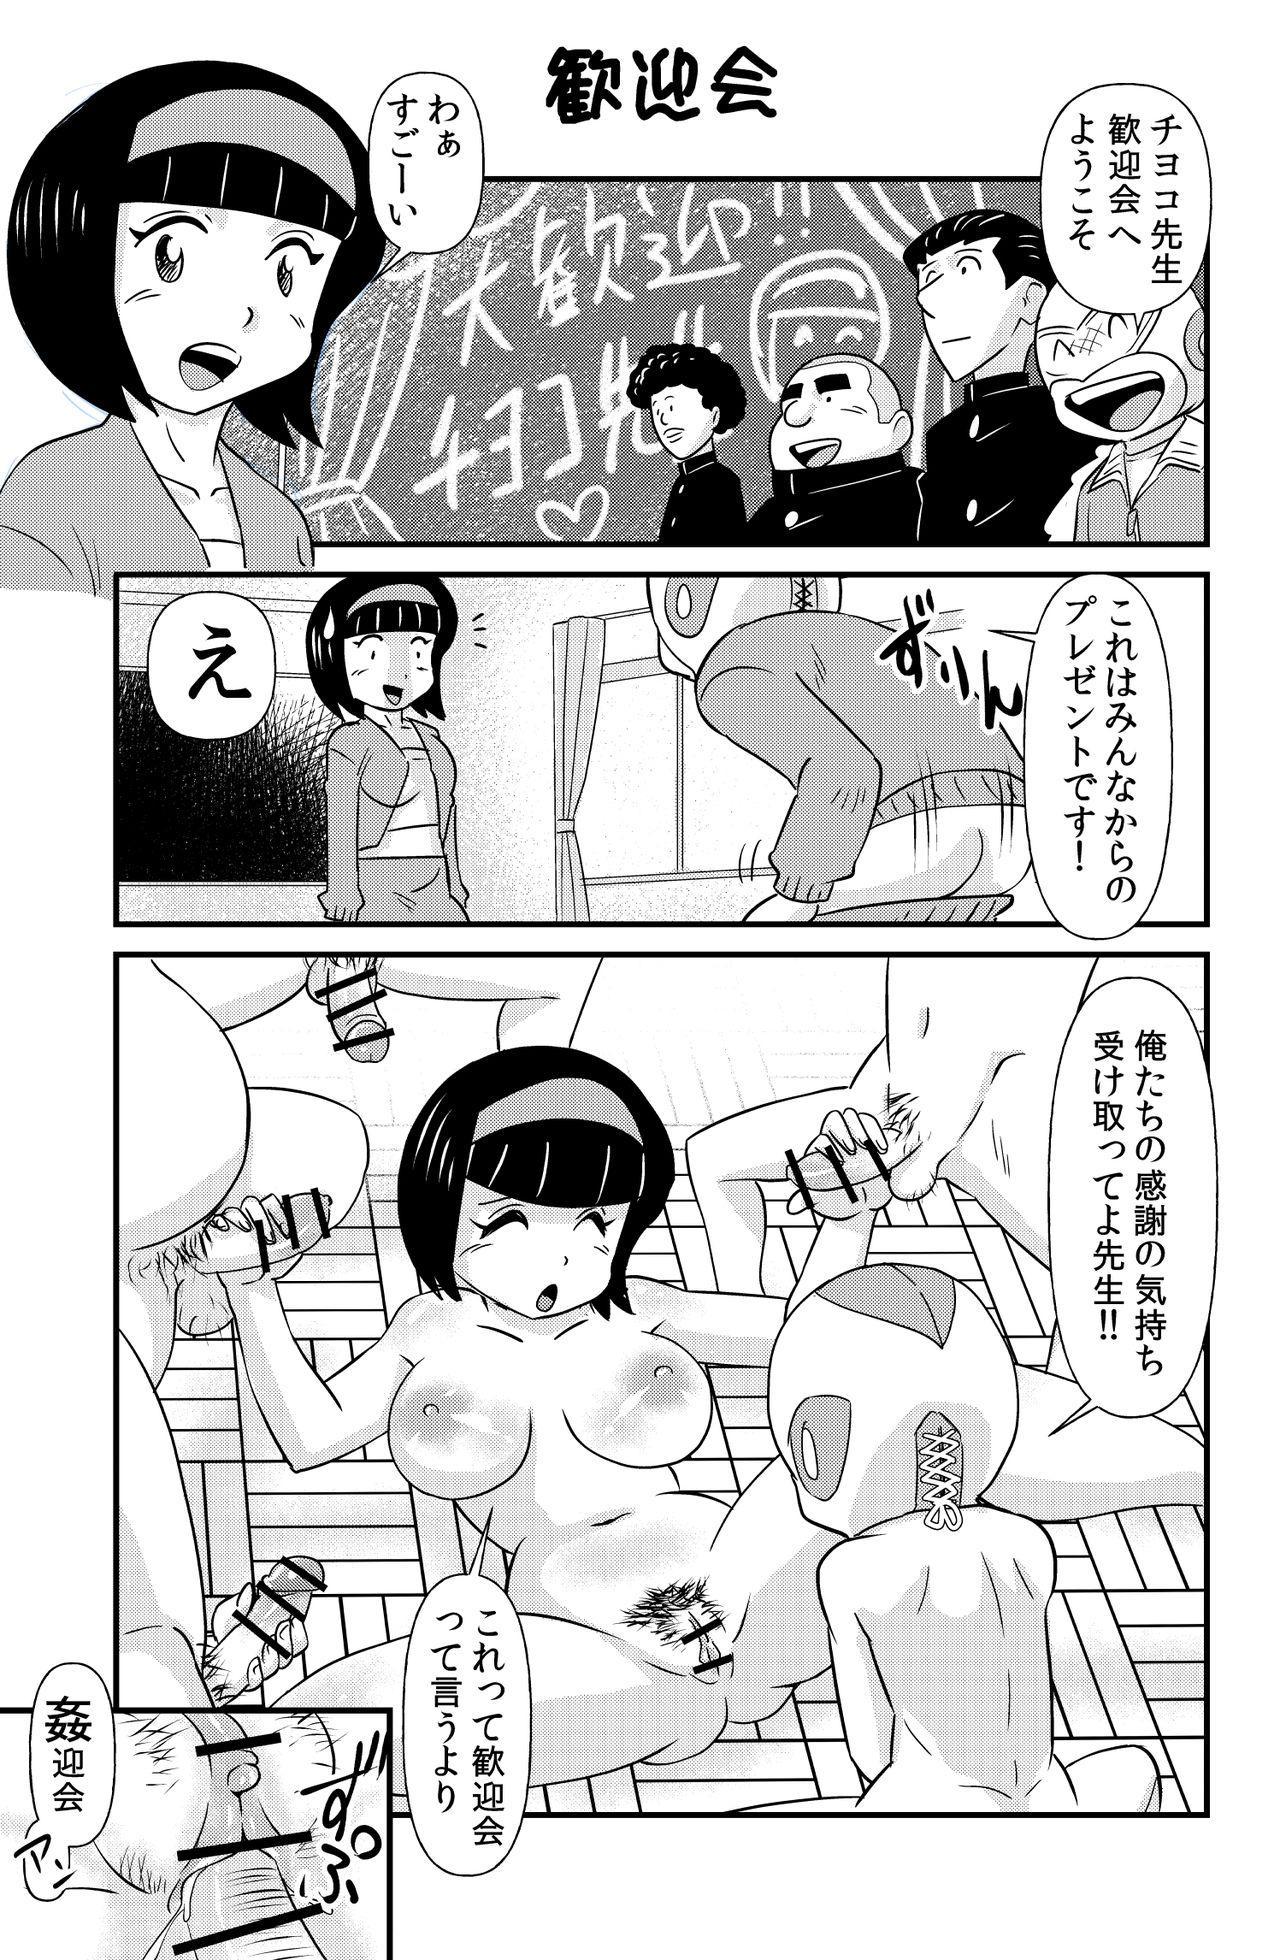 おっちょこチヨコ先生 4